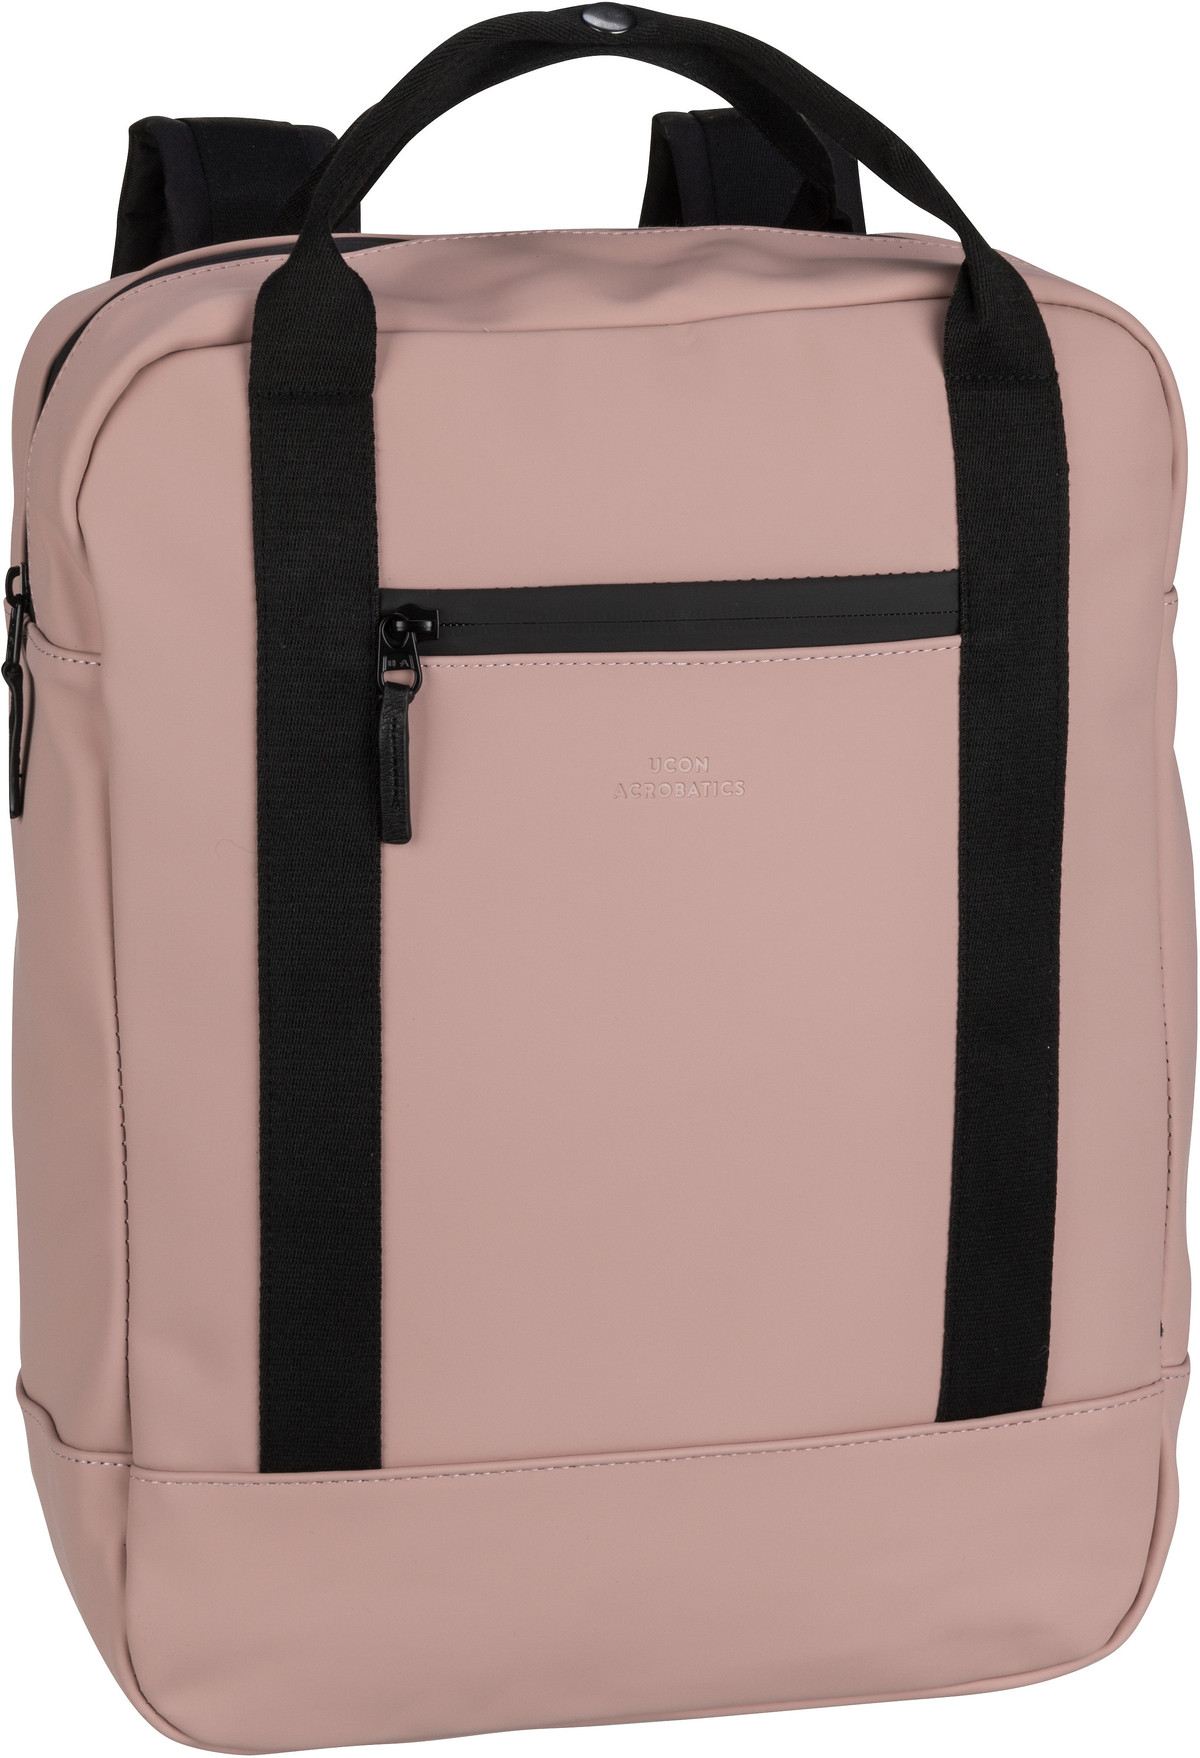 Laptoprucksack Lotus Ison Backpack Rose (16 Liter)